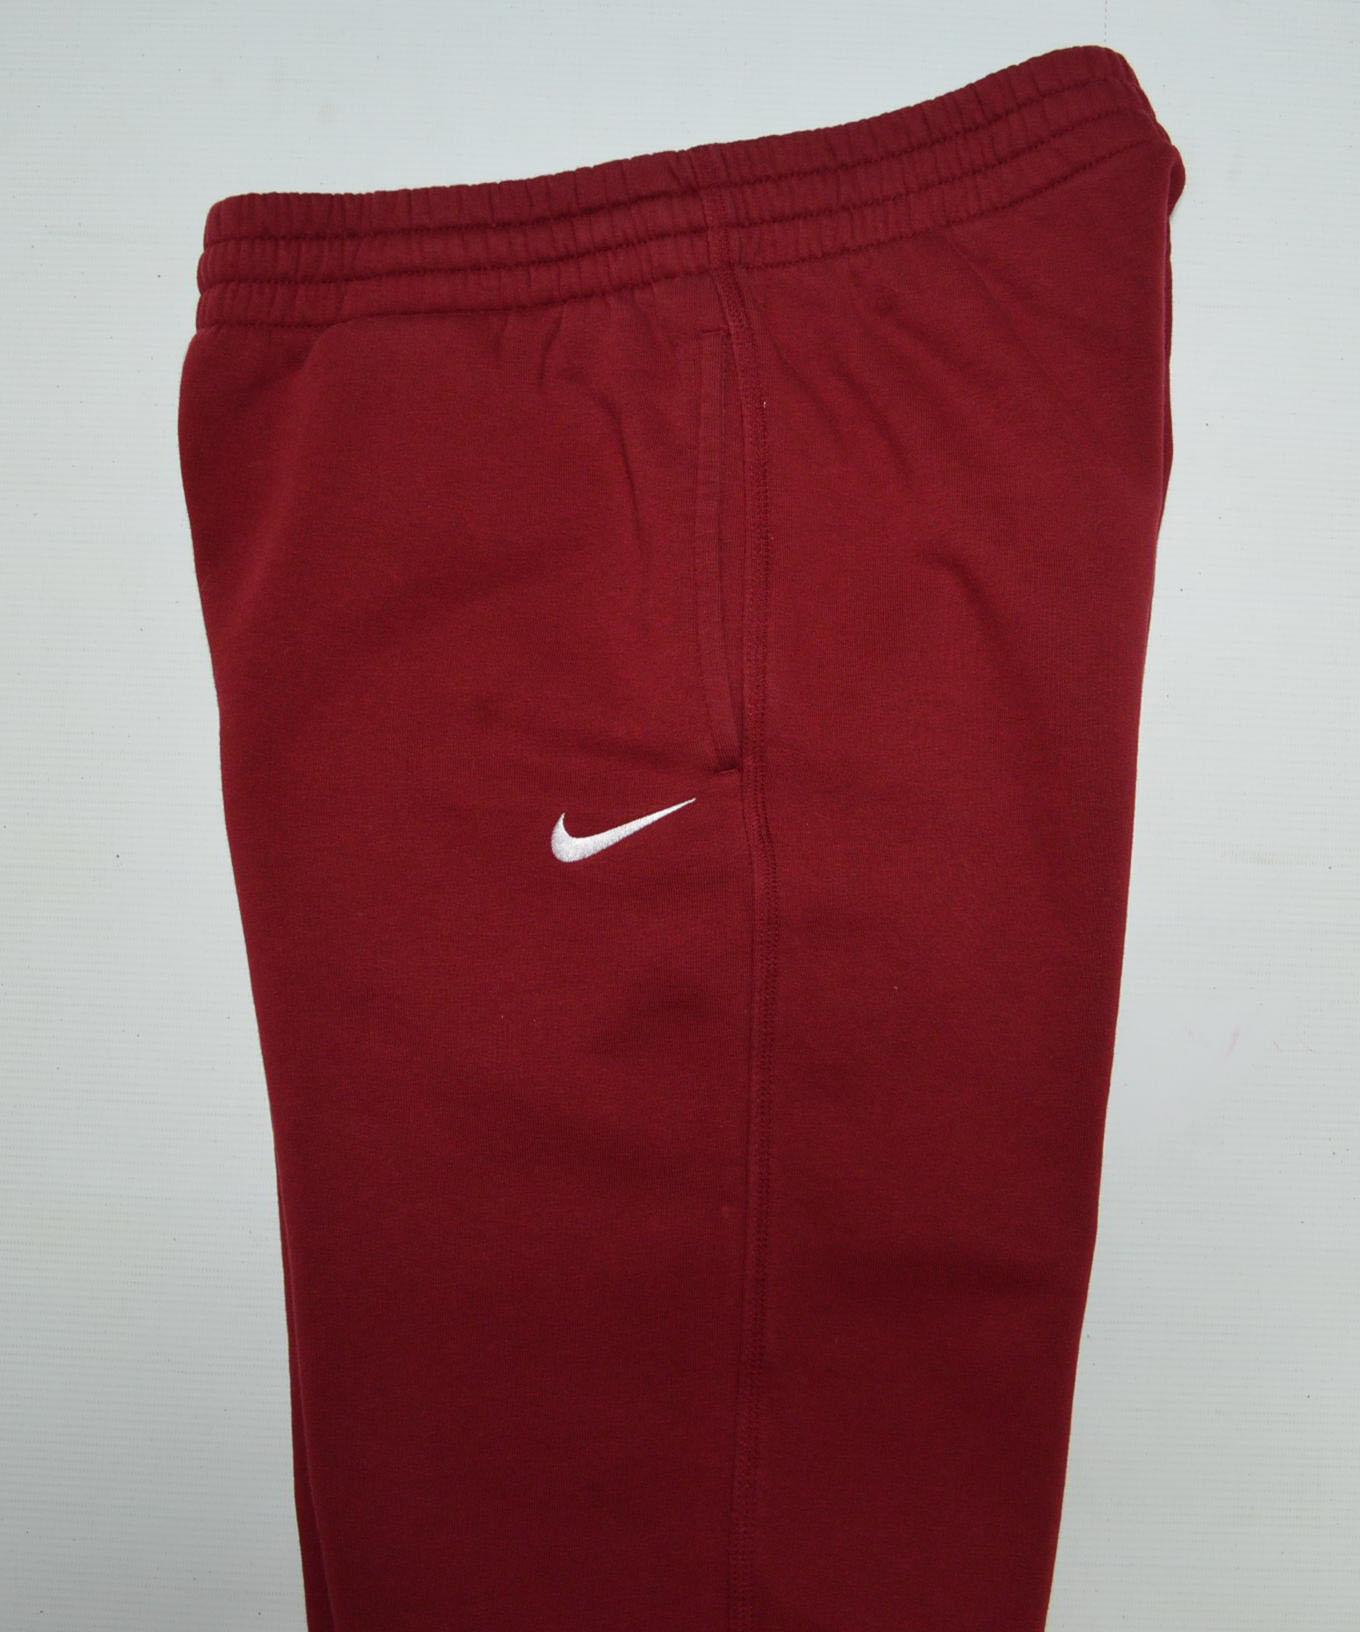 590f89829 Nike ~ bawełniane męskie spodnie dresowe ~ S - 7085513752 ...